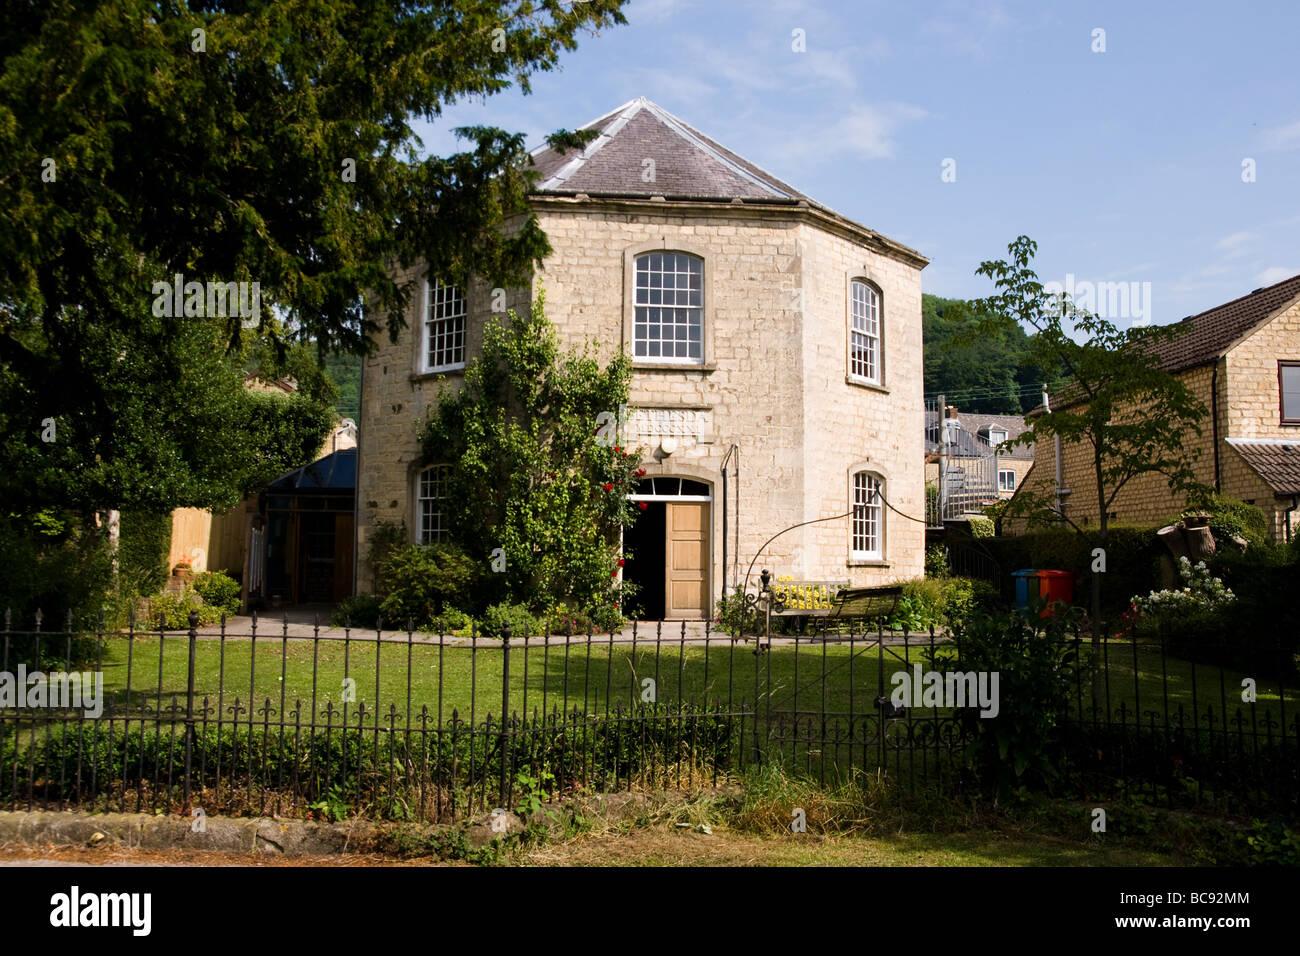 Uley Village gloucestershire England UK - Stock Image